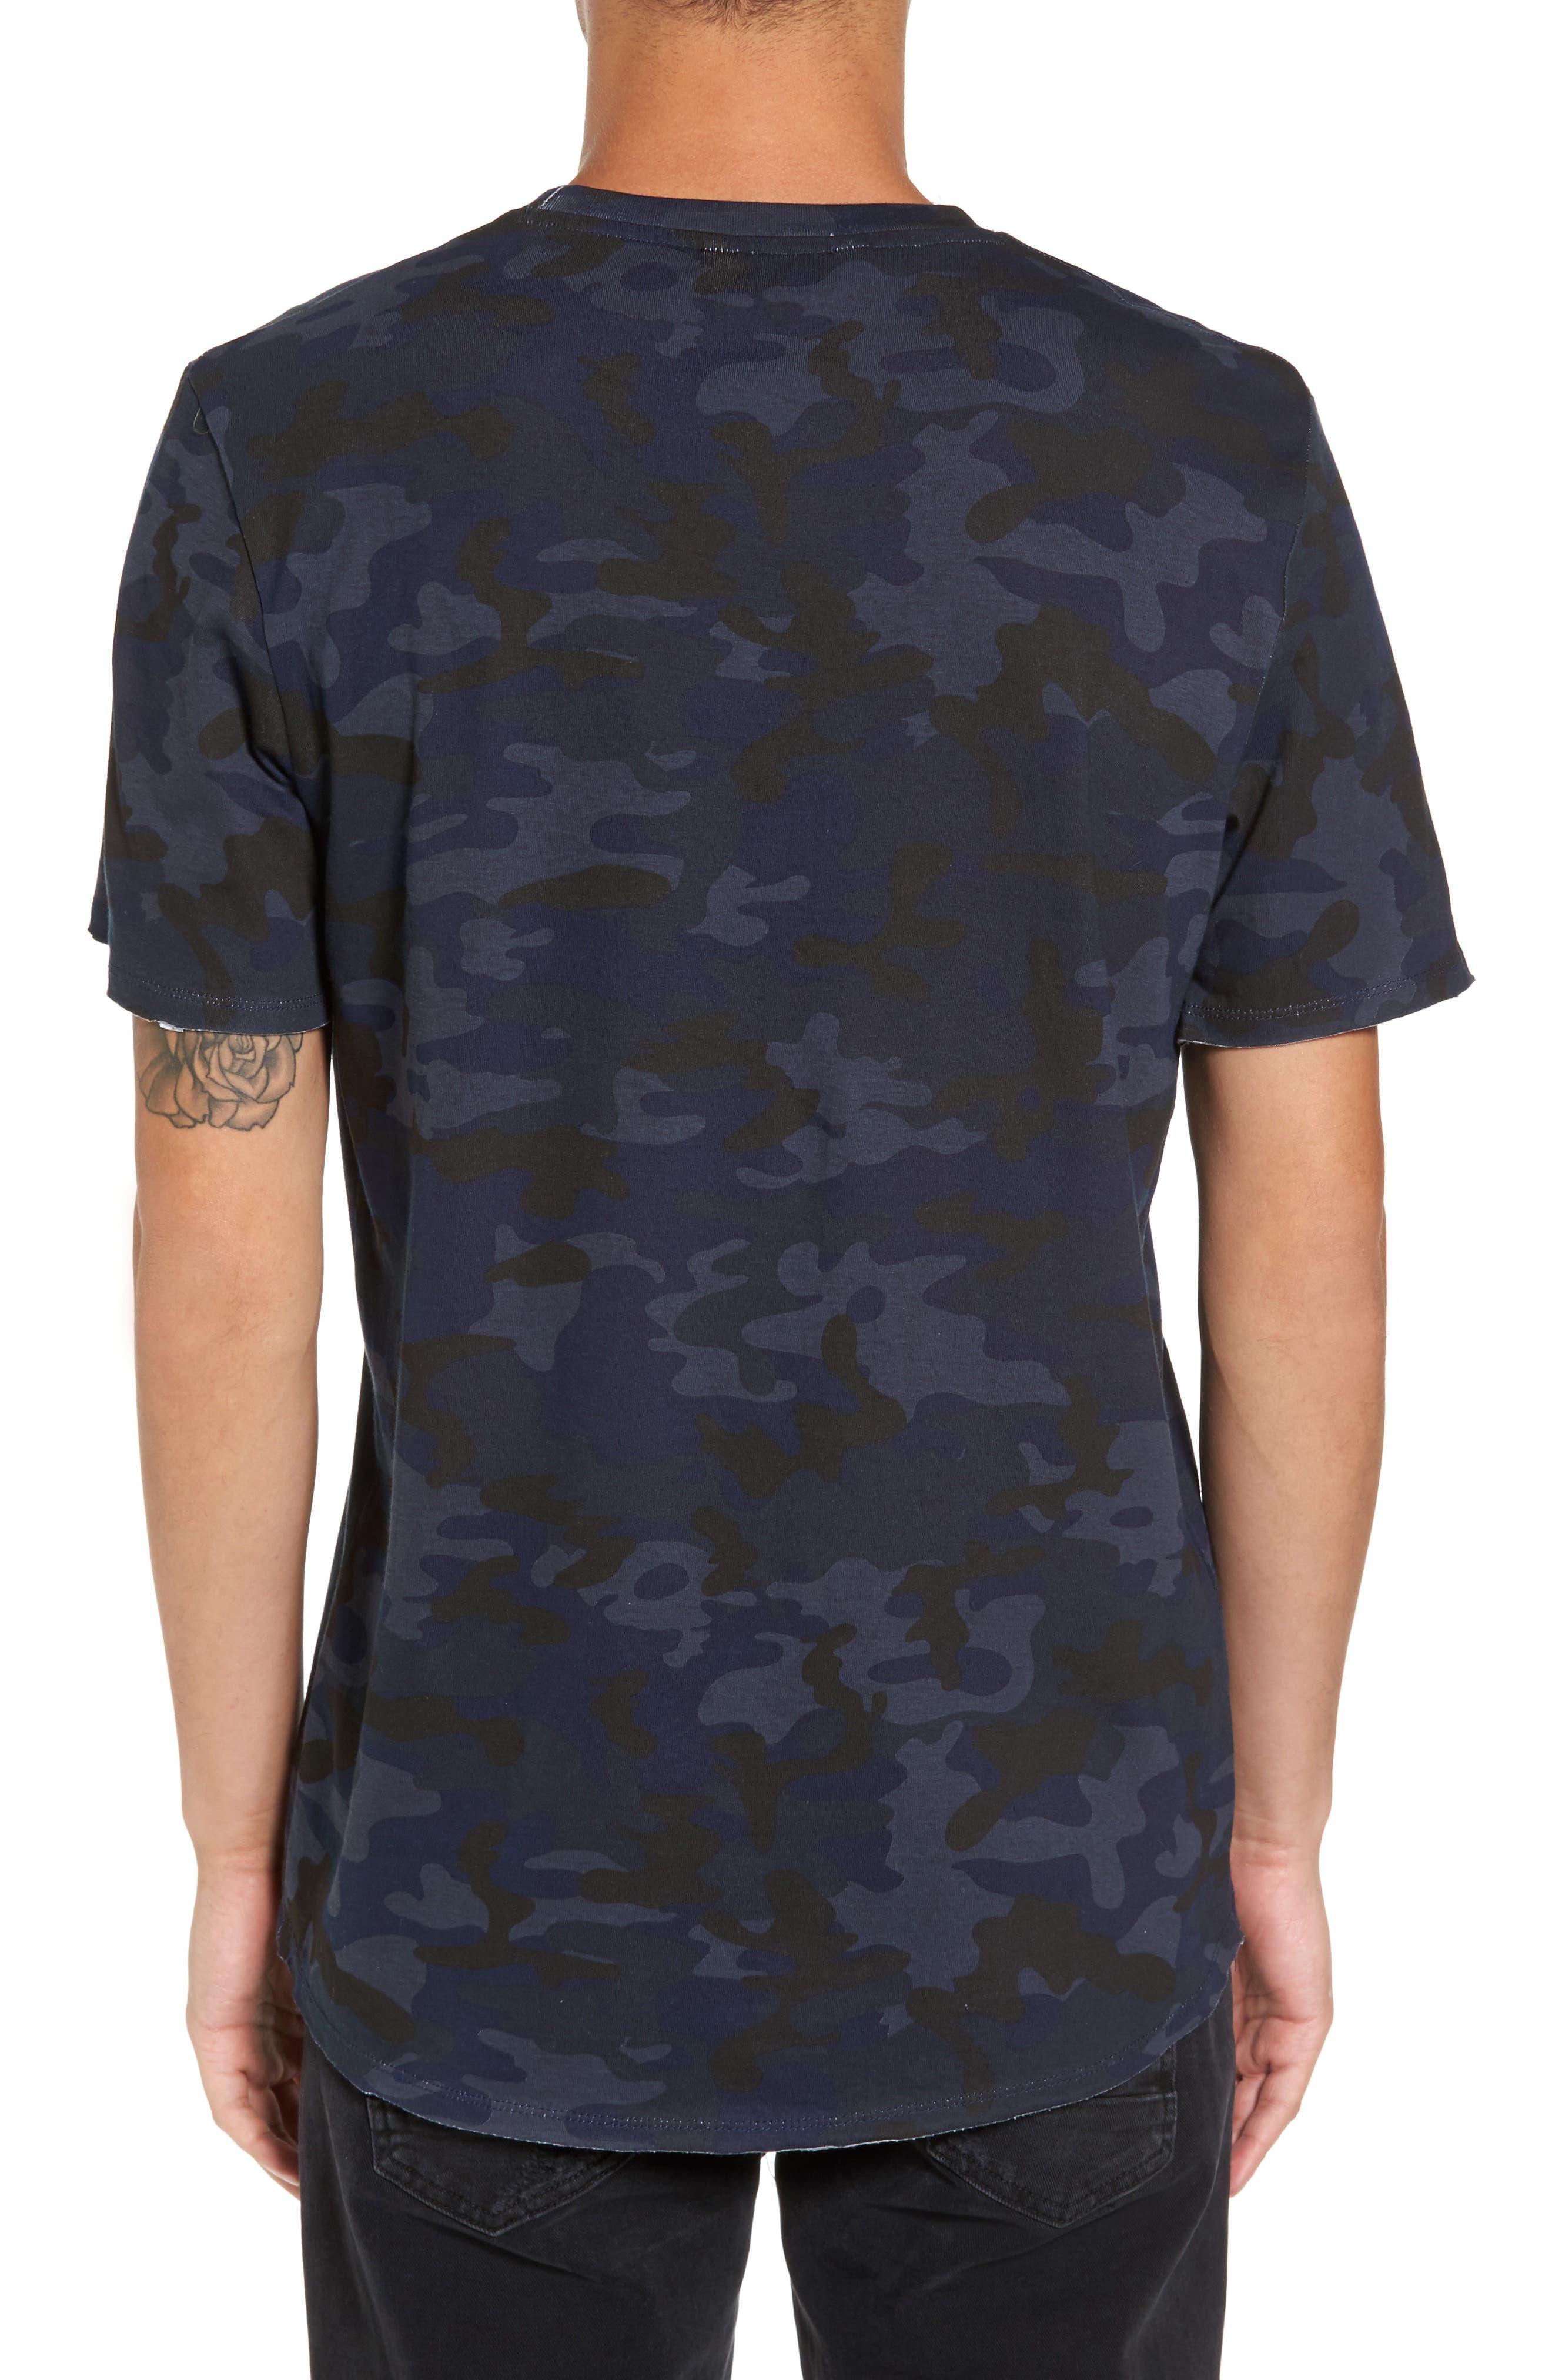 Noght T-Shirt,                             Alternate thumbnail 3, color,